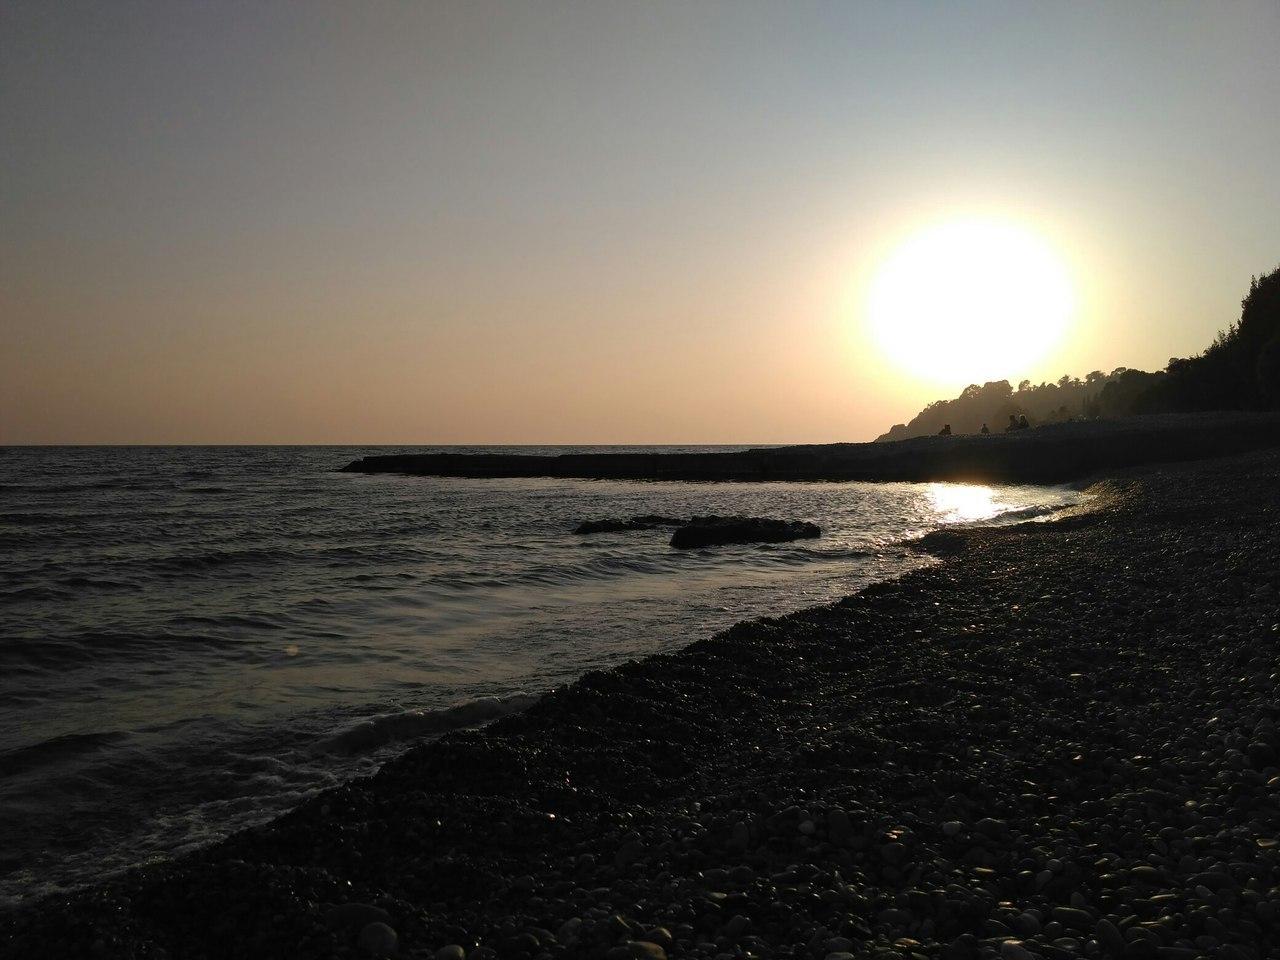 Отдых в селе Приморское 2020 - пляж